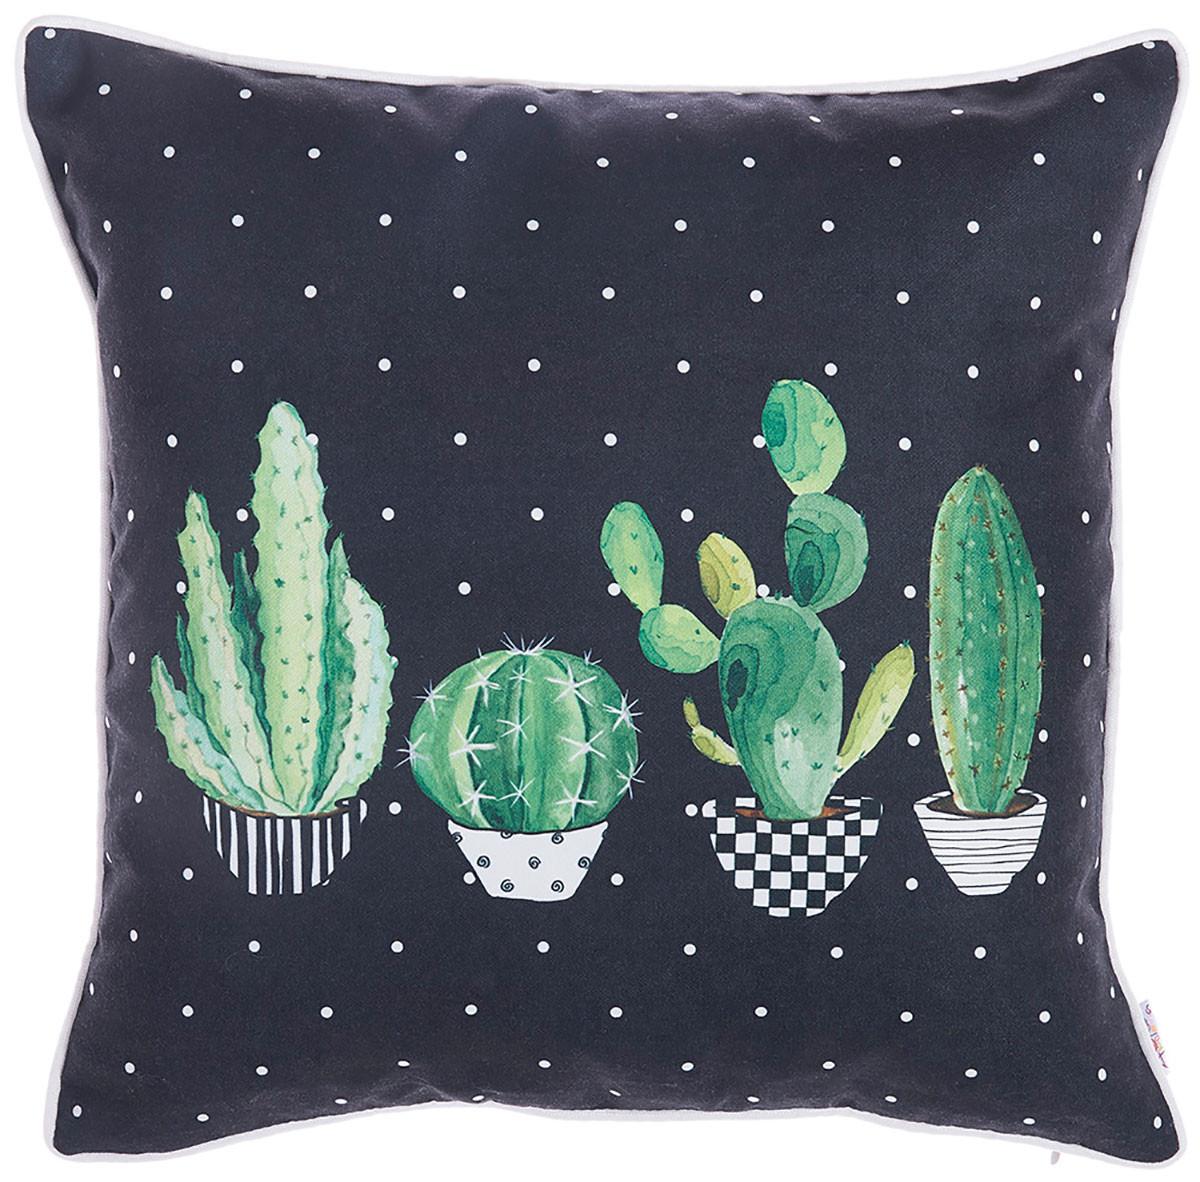 Διακοσμητική Μαξιλαροθήκη (43×43) Apolena Cactus Black 702-6215/1